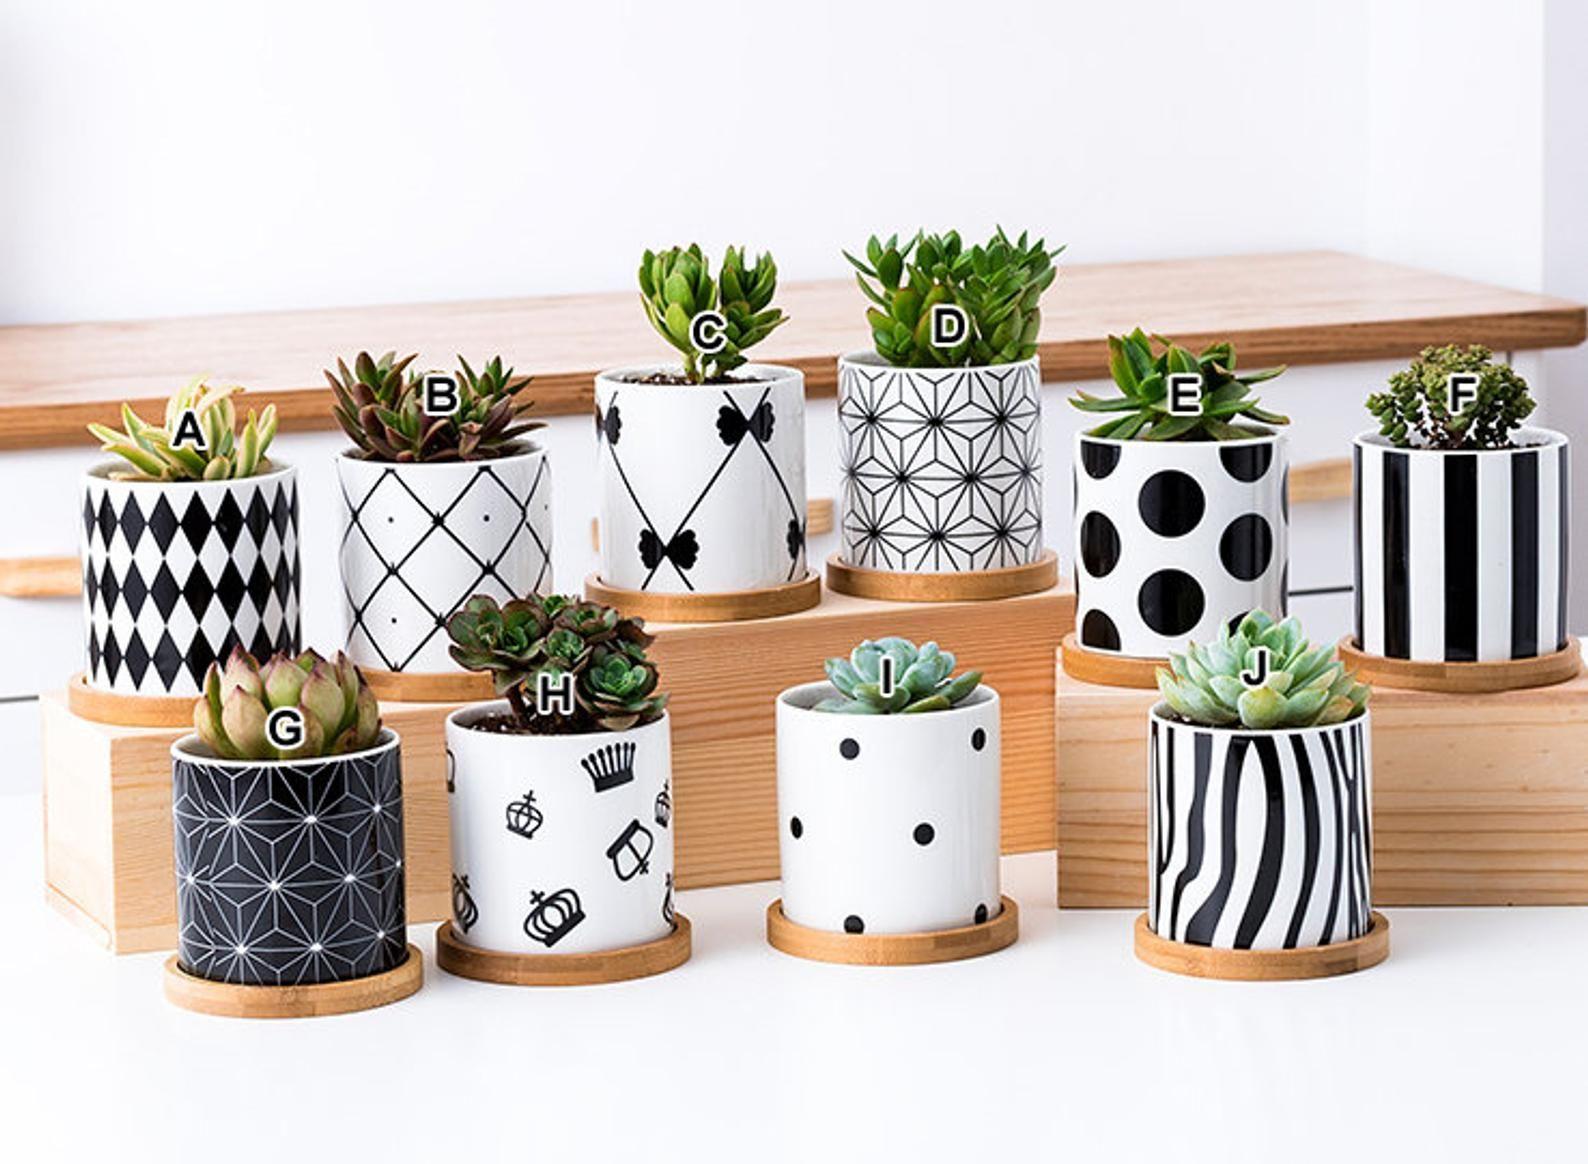 Modern Style Ceramic Planter Flower Pot Succulent Planter Etsy In 2020 Painted Pots Diy Painted Plant Pots Plant Pot Design